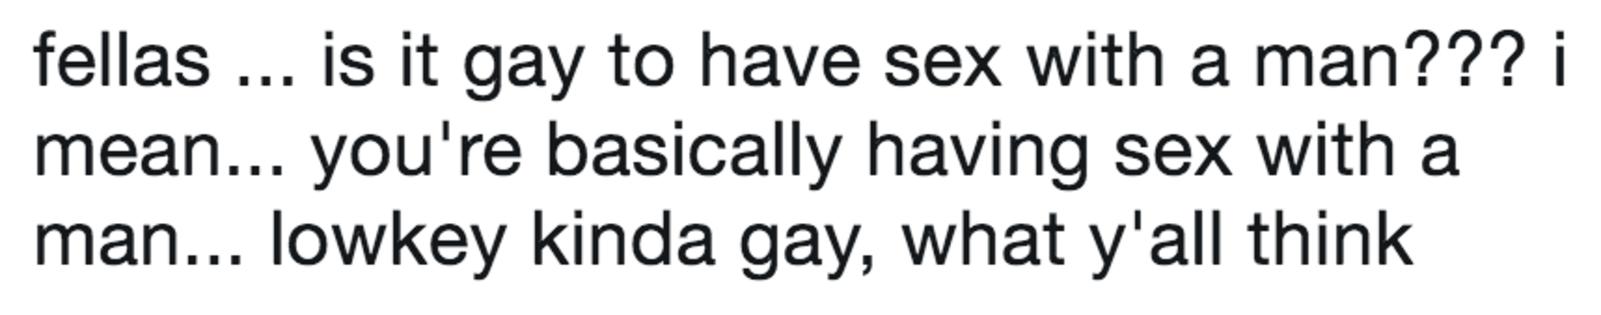 Is it gay